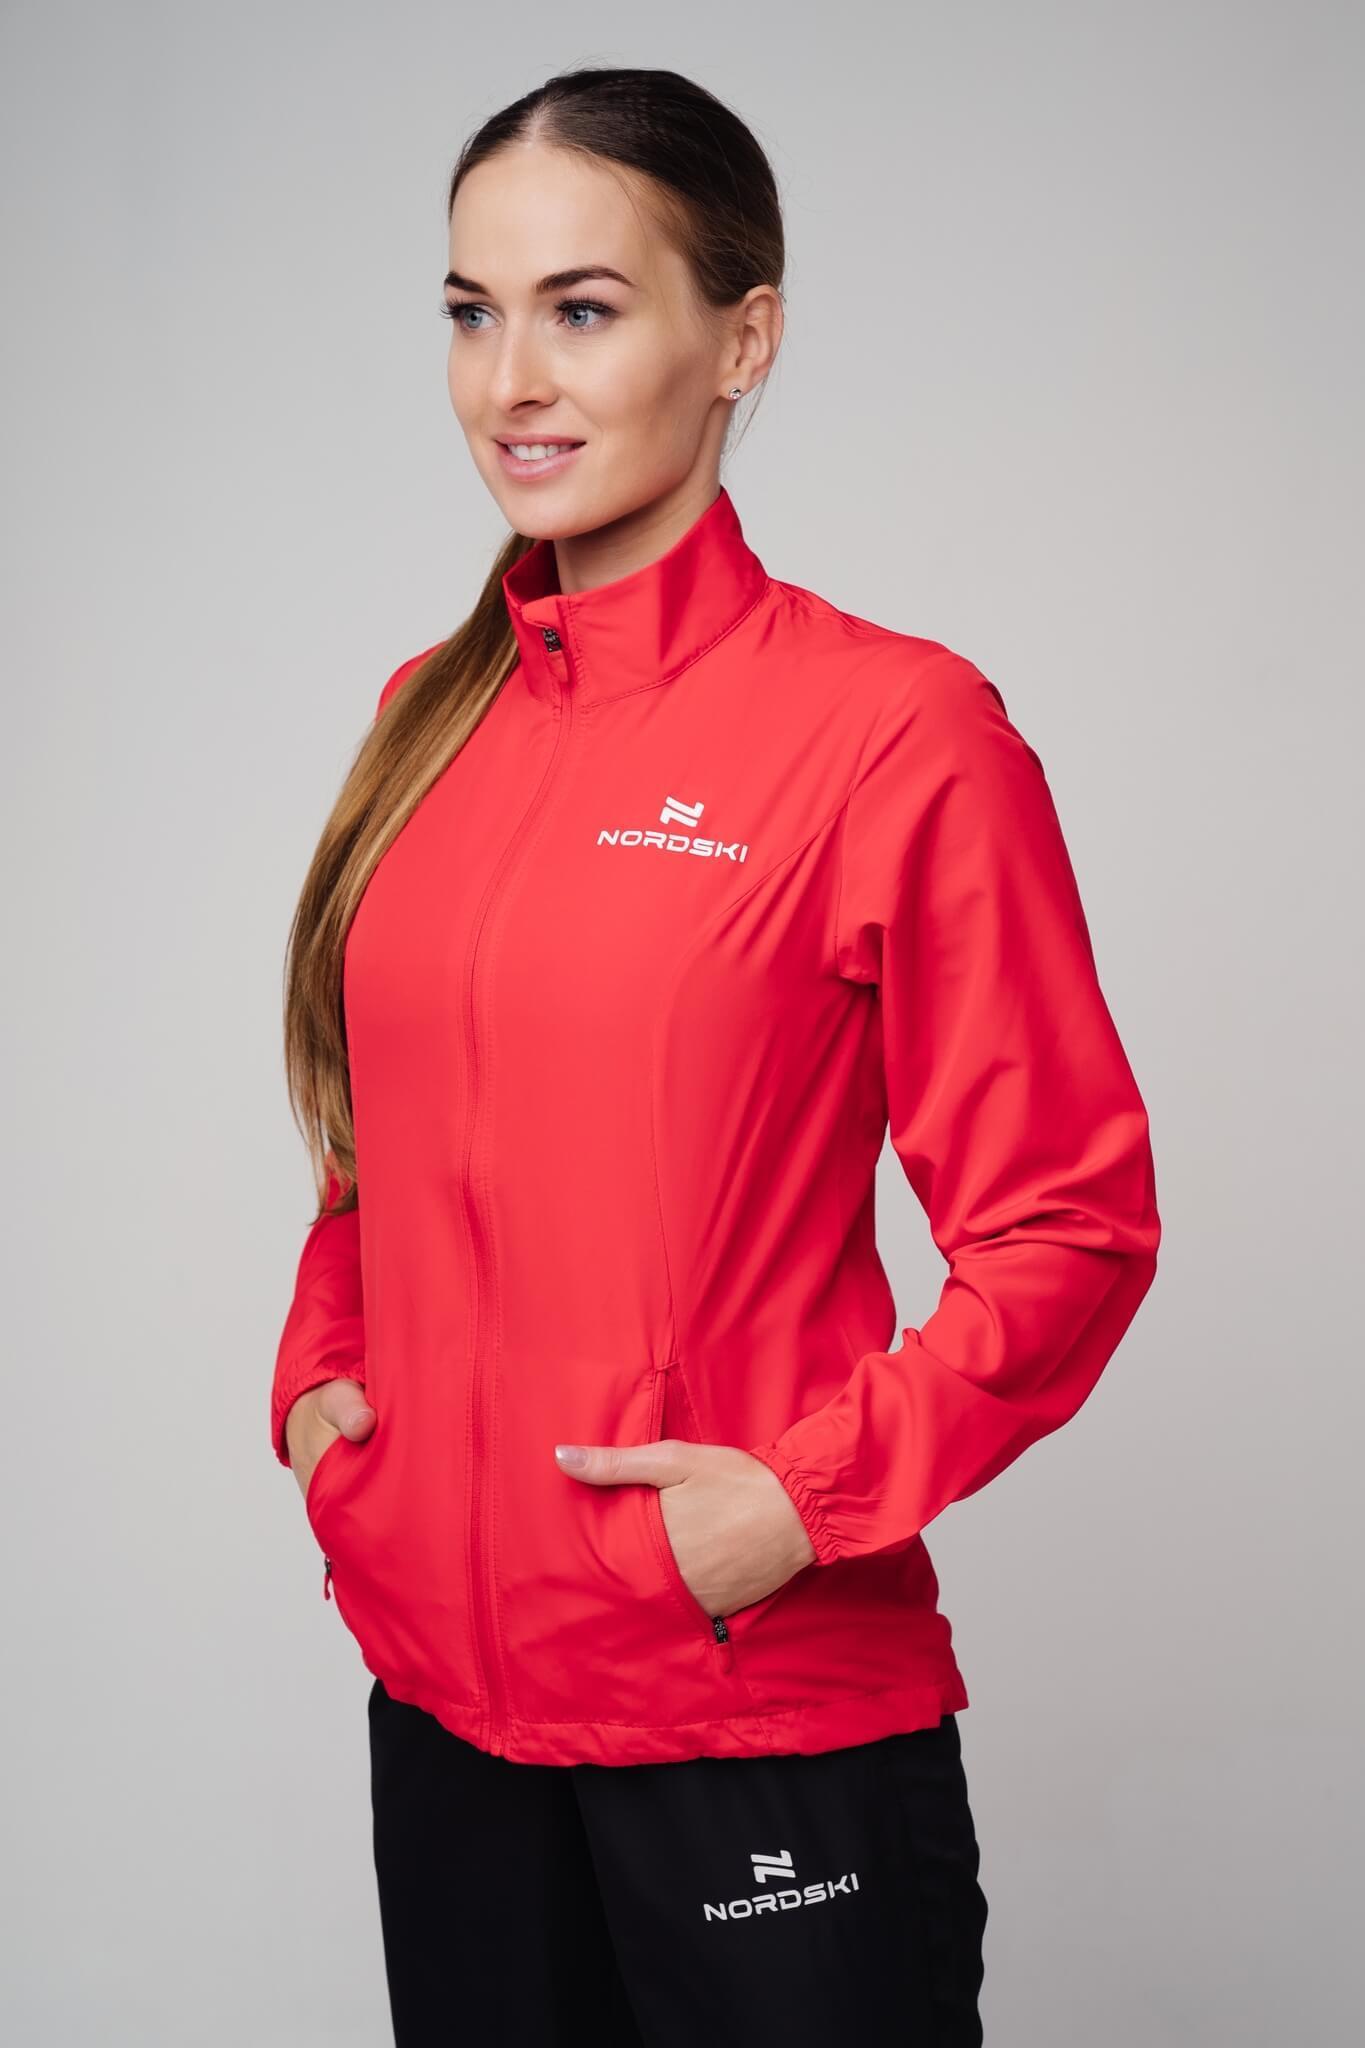 Nordski Motion куртка ветровка женская Red - 8